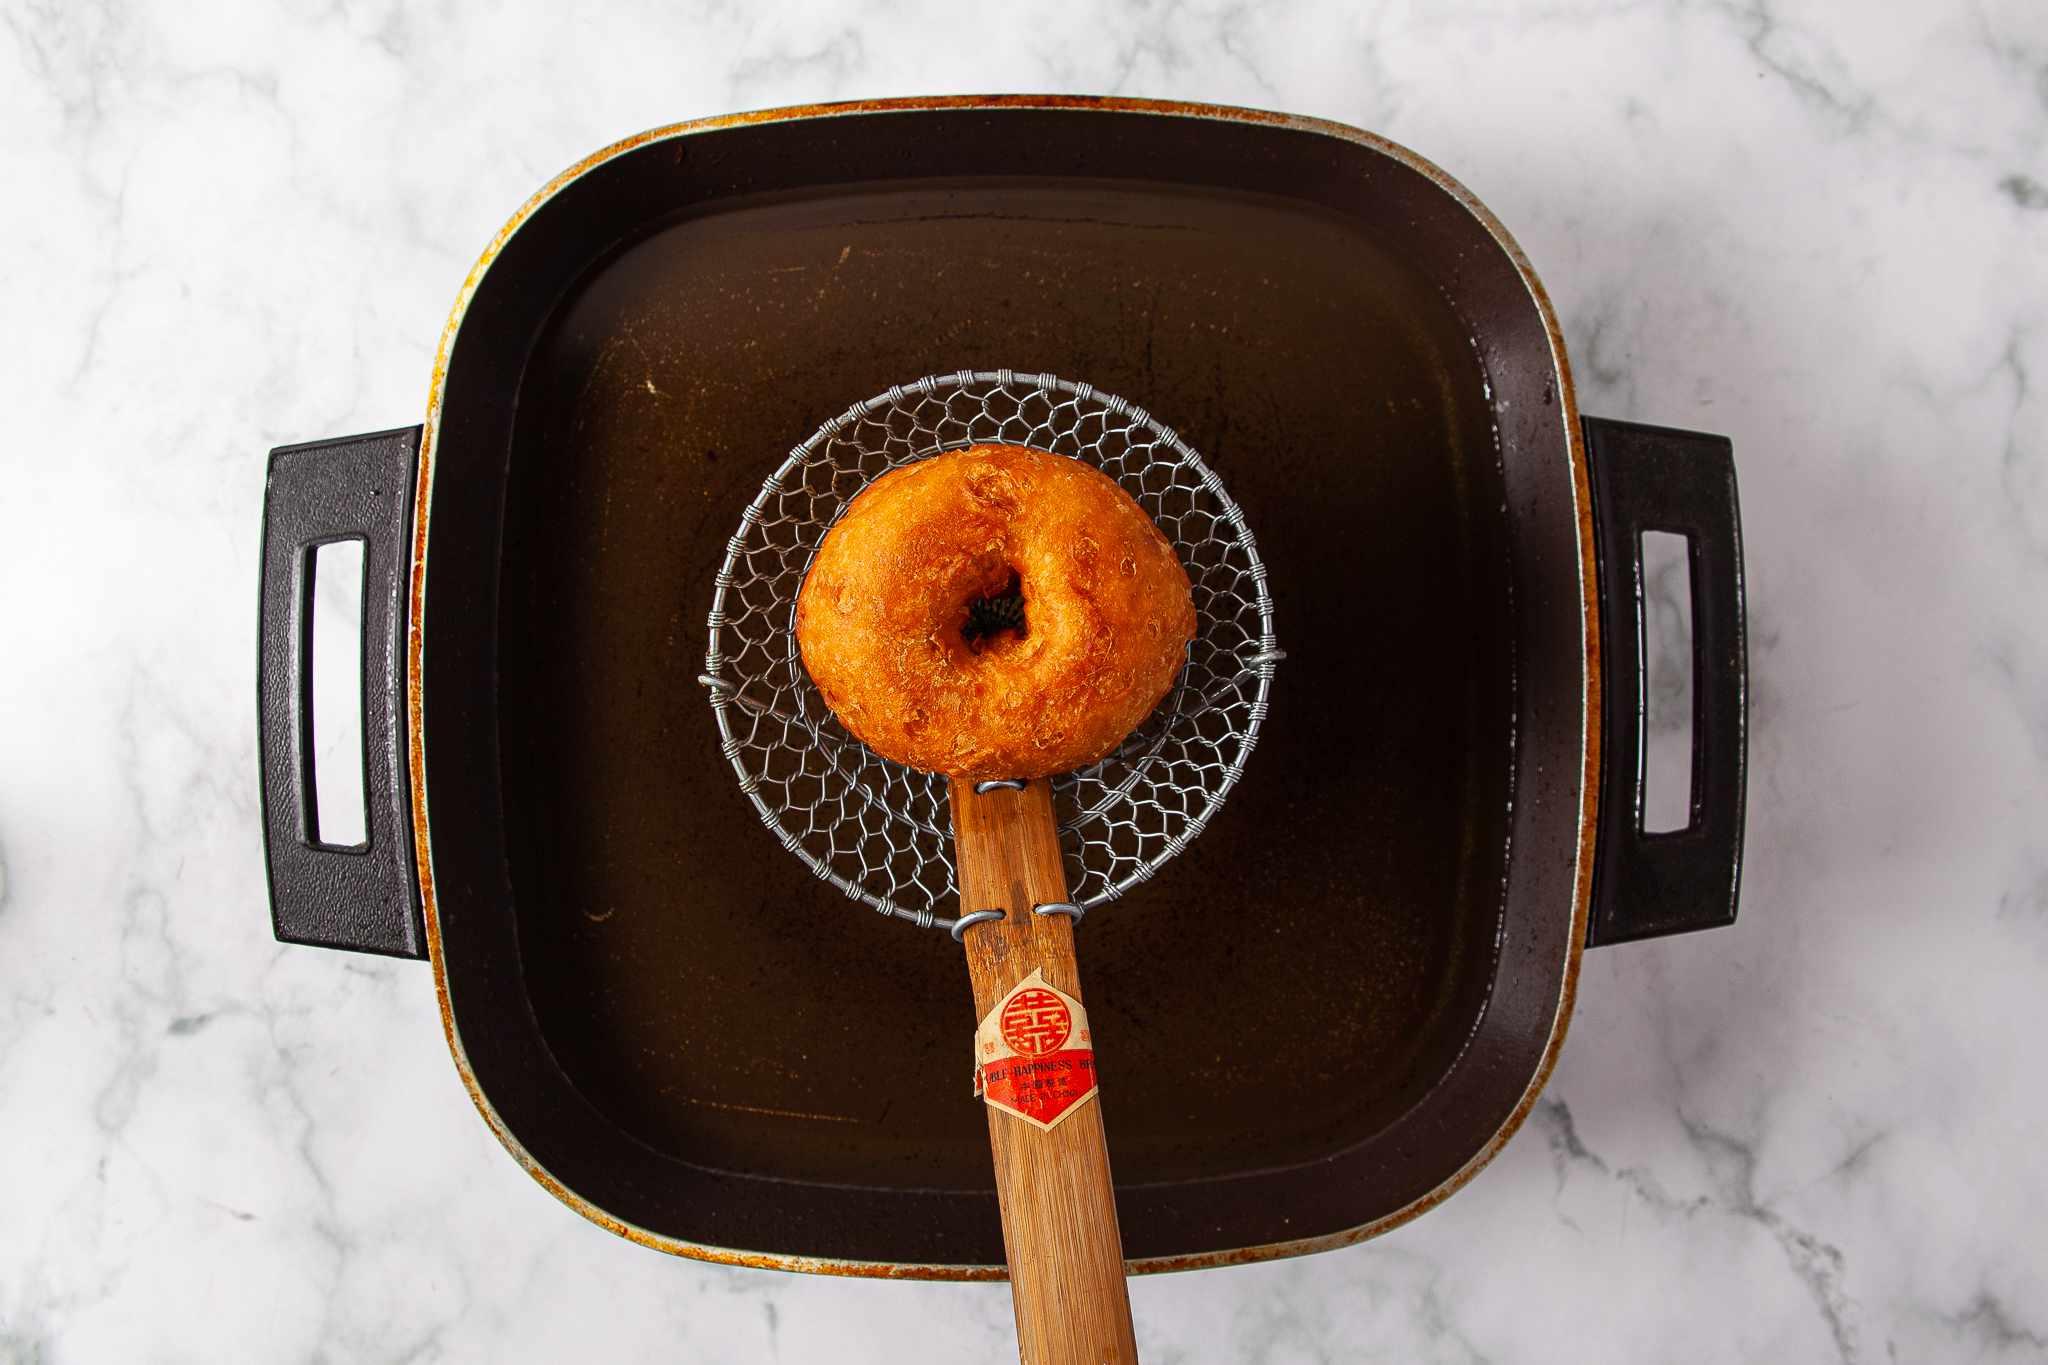 Fried doughnut draining over hot oil